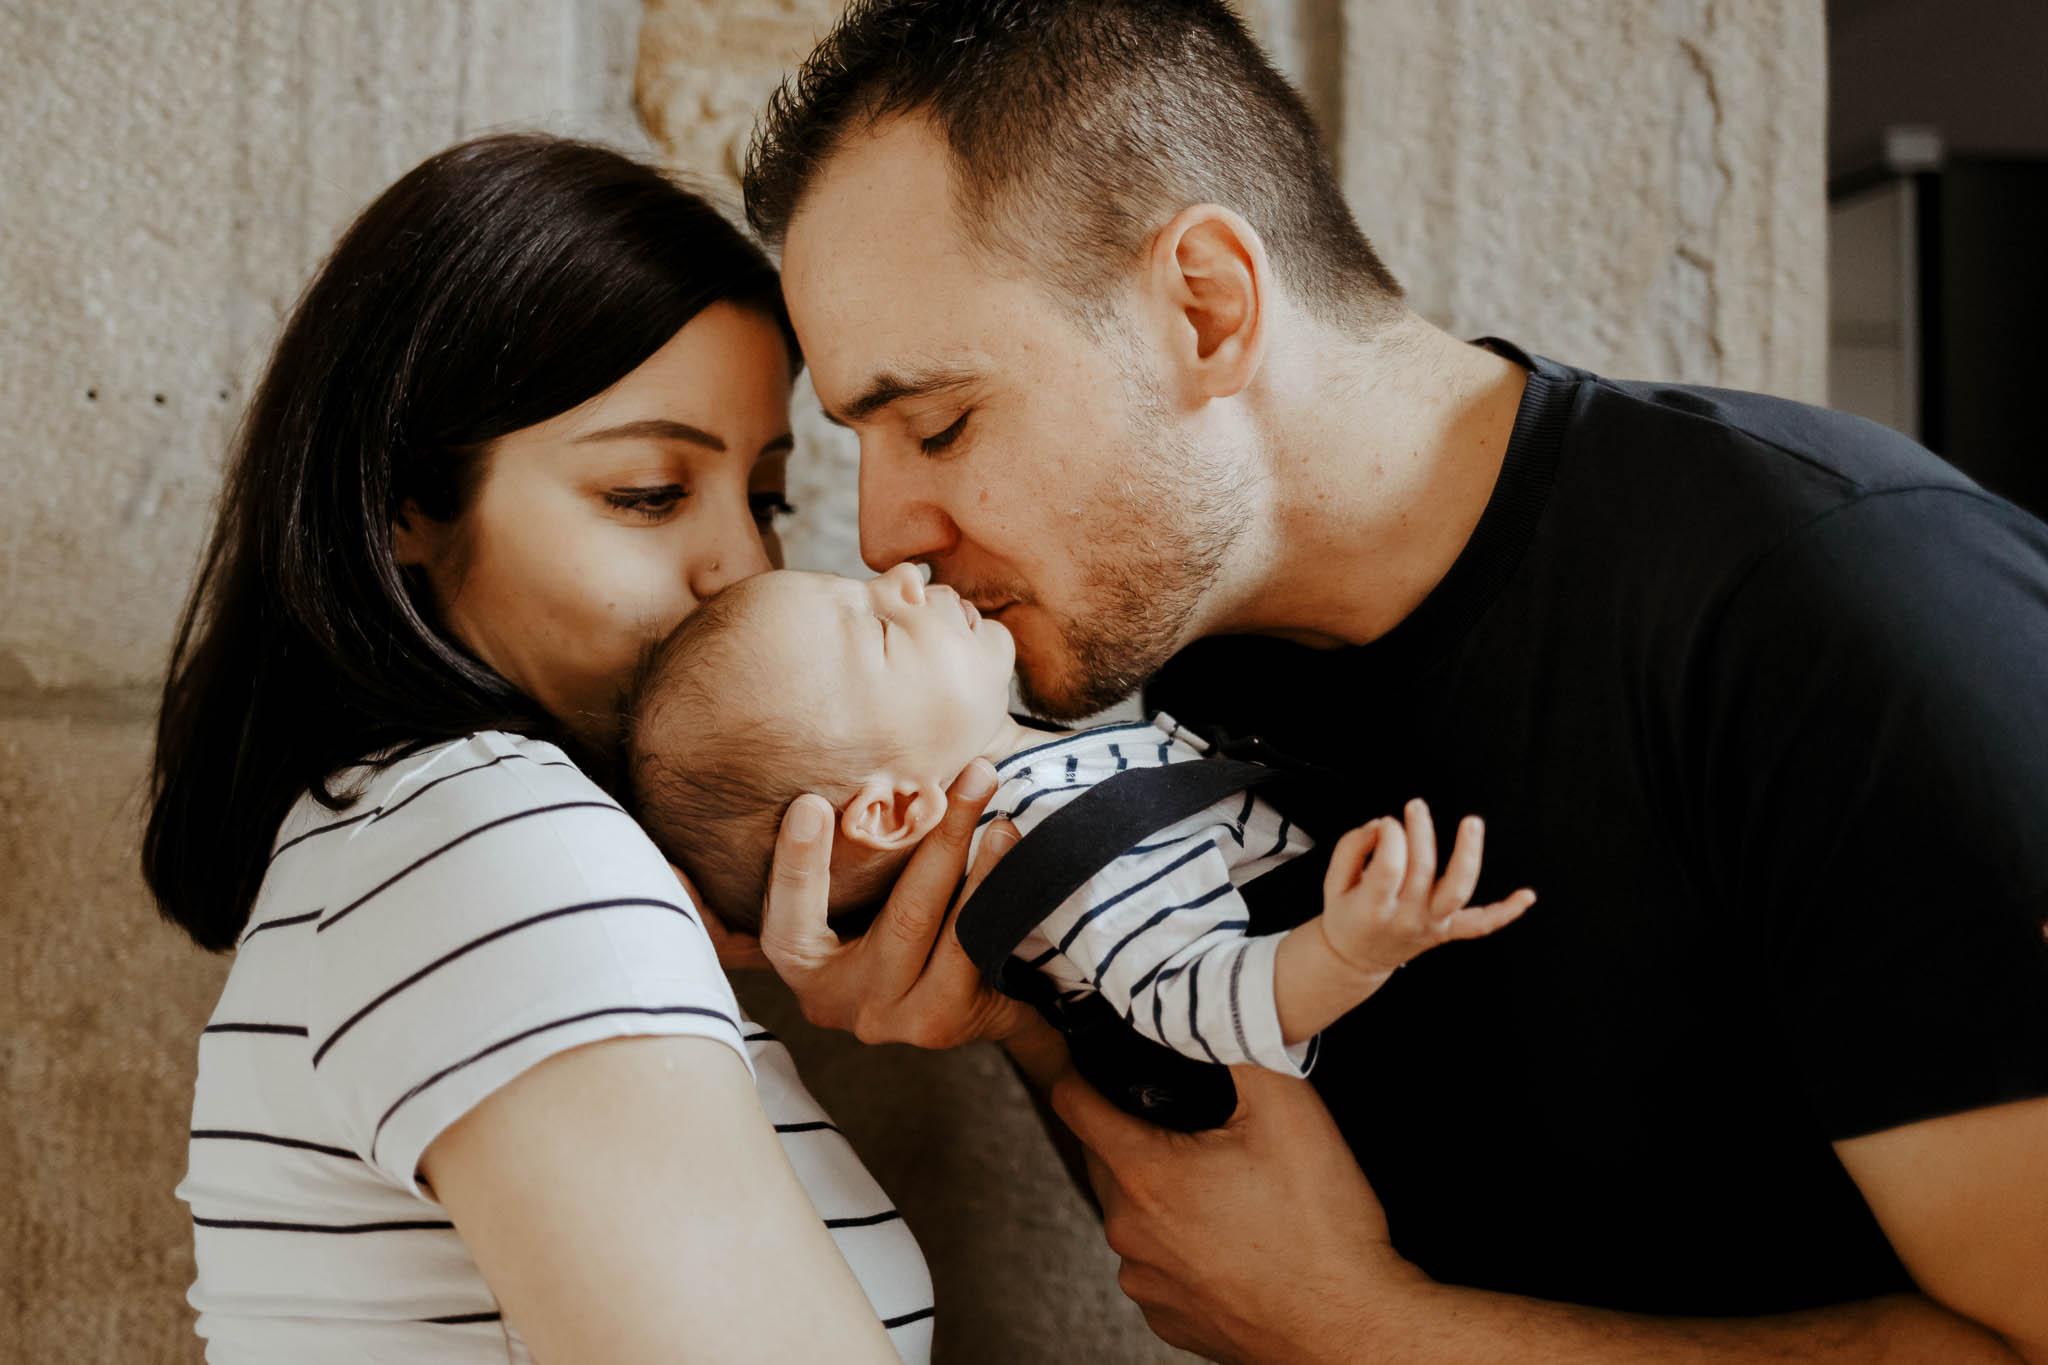 famille-bebe-loire-ingold-72.jpg